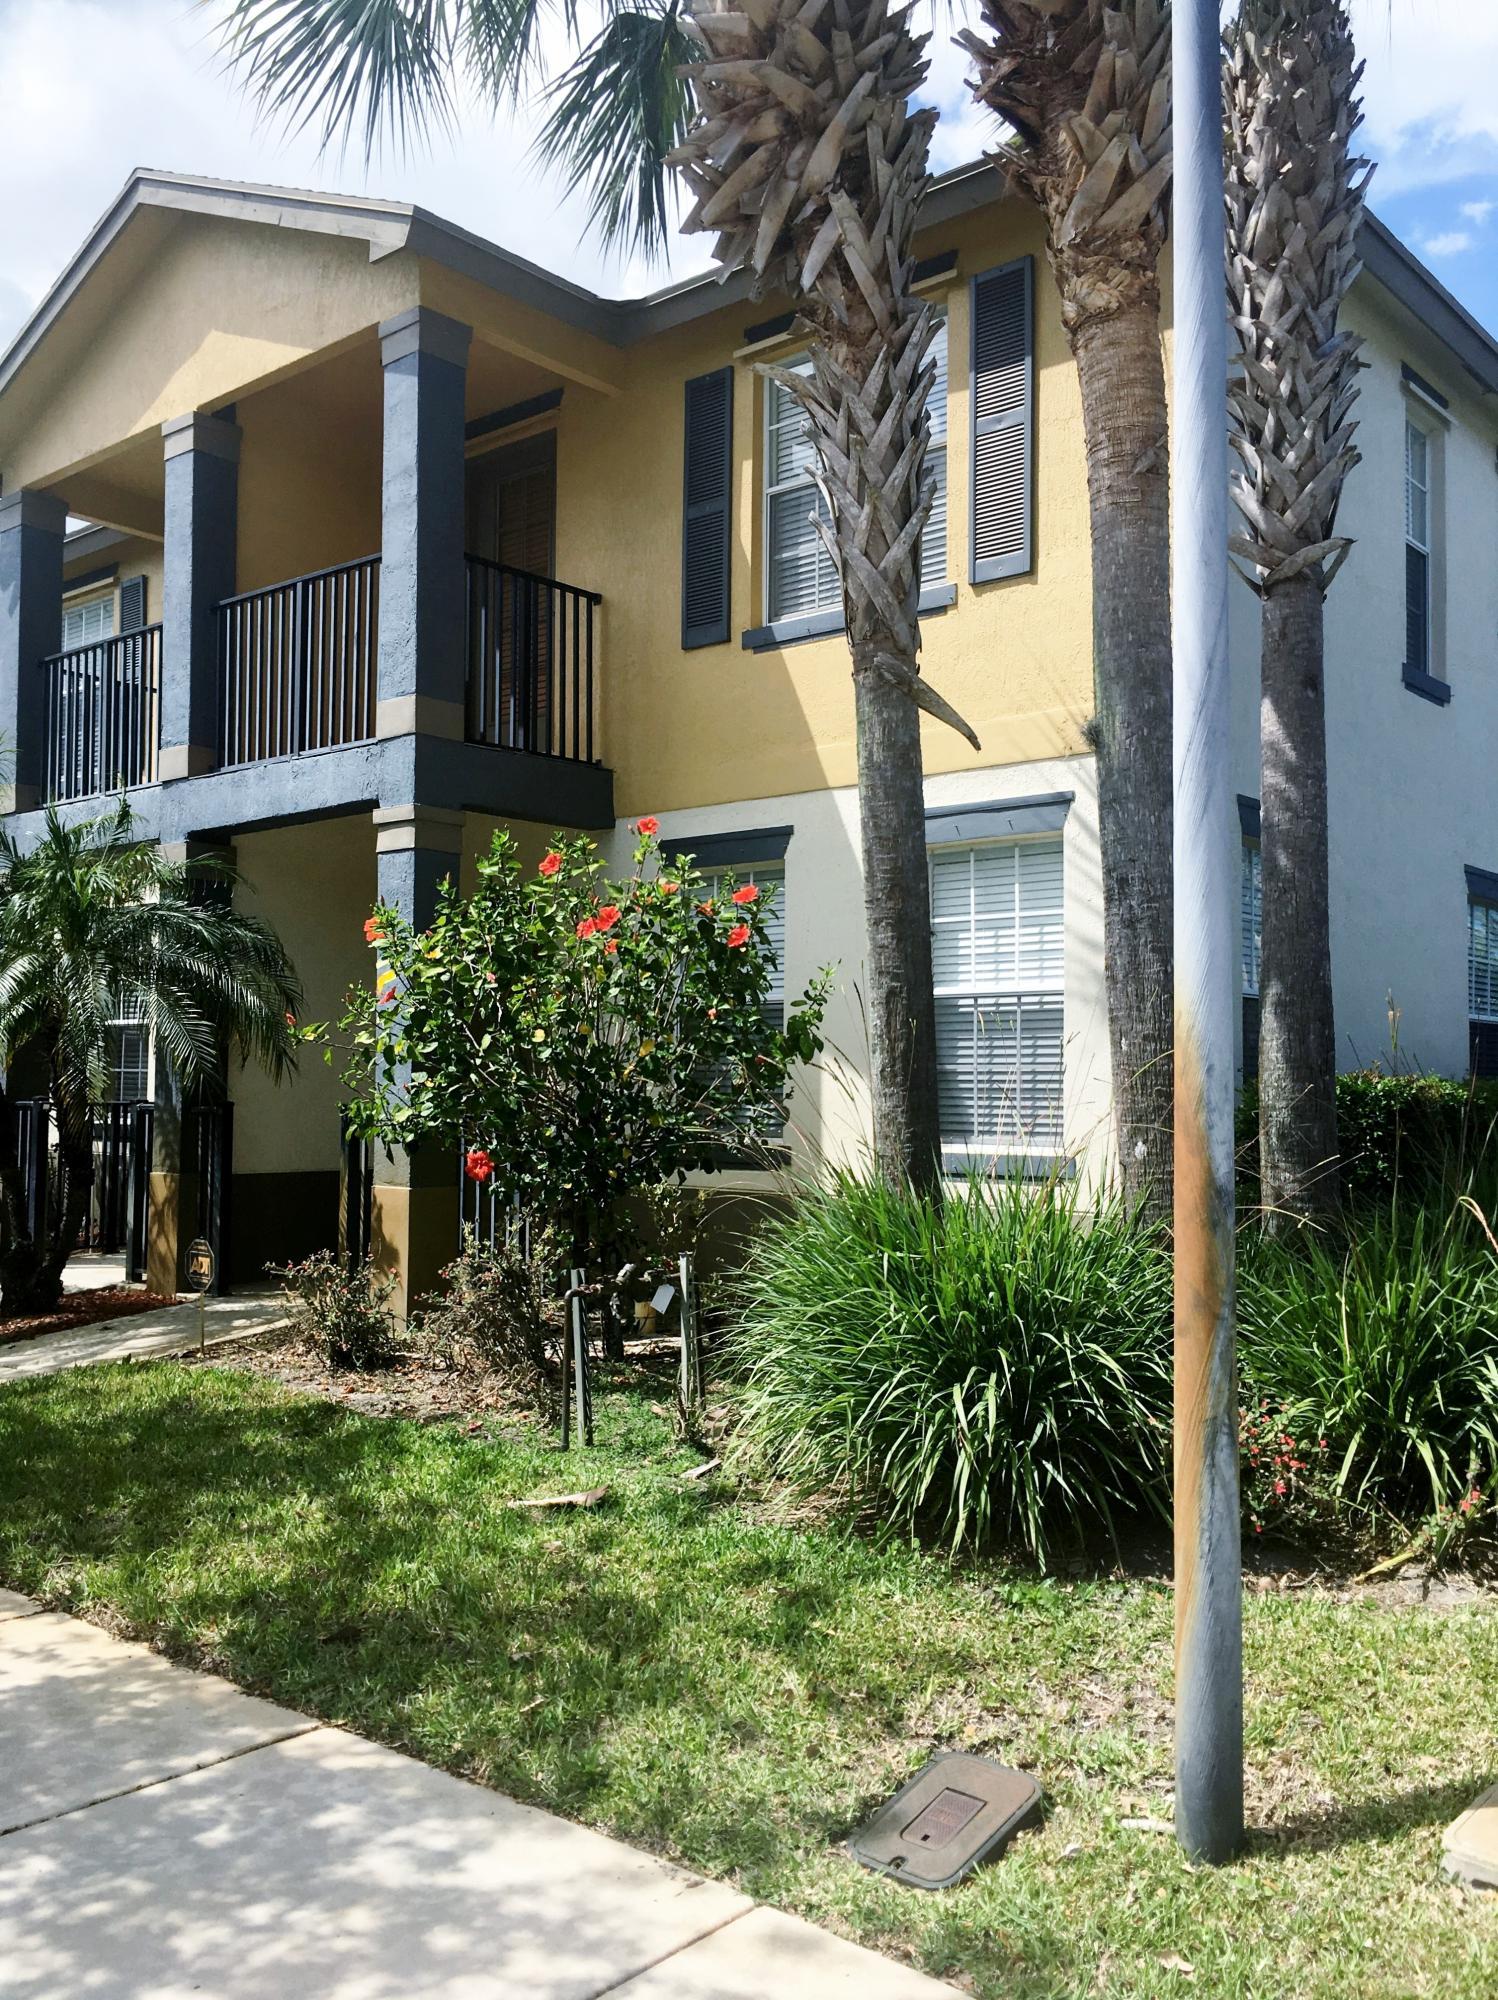 2197 SE Fern Park Drive, Port Saint Lucie, Florida